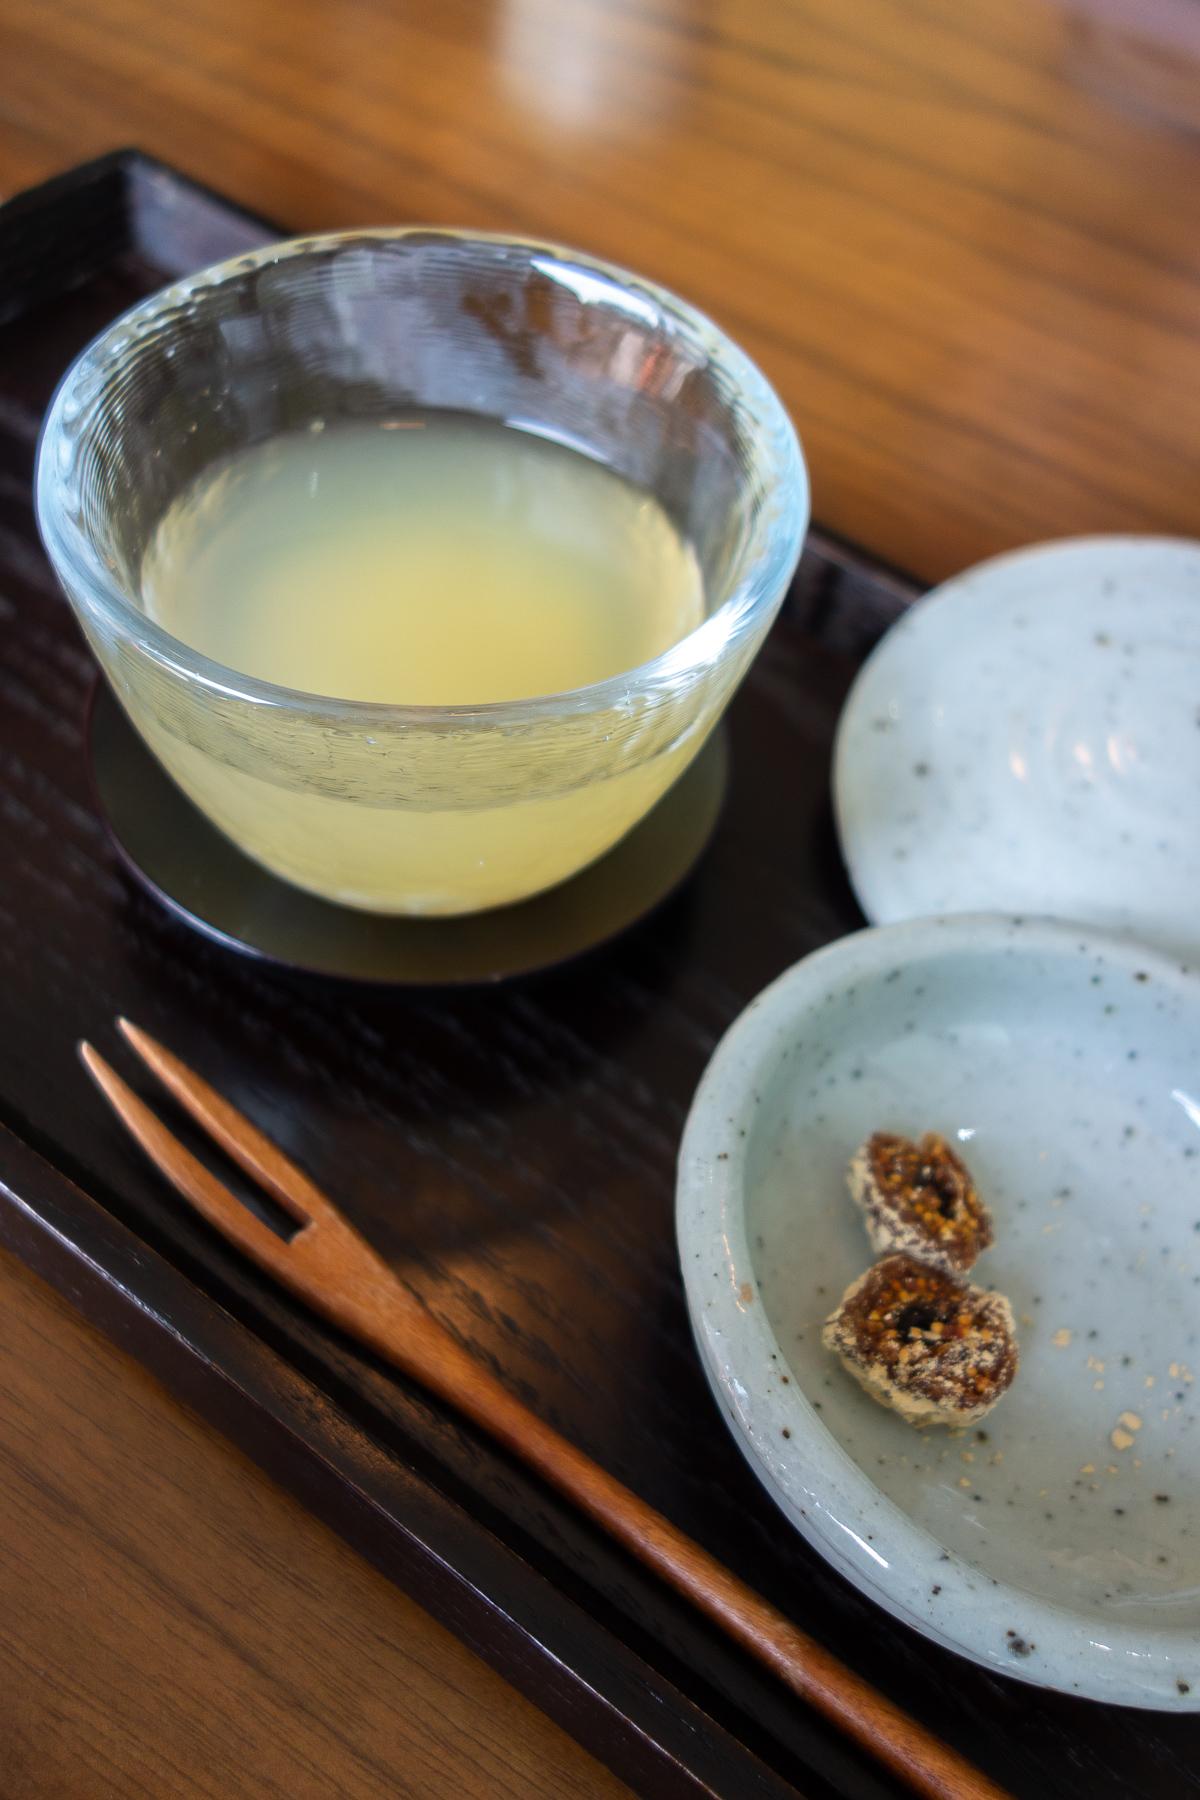 Décoction de kumquat et de riz, figue séchée à la poudre de soja.